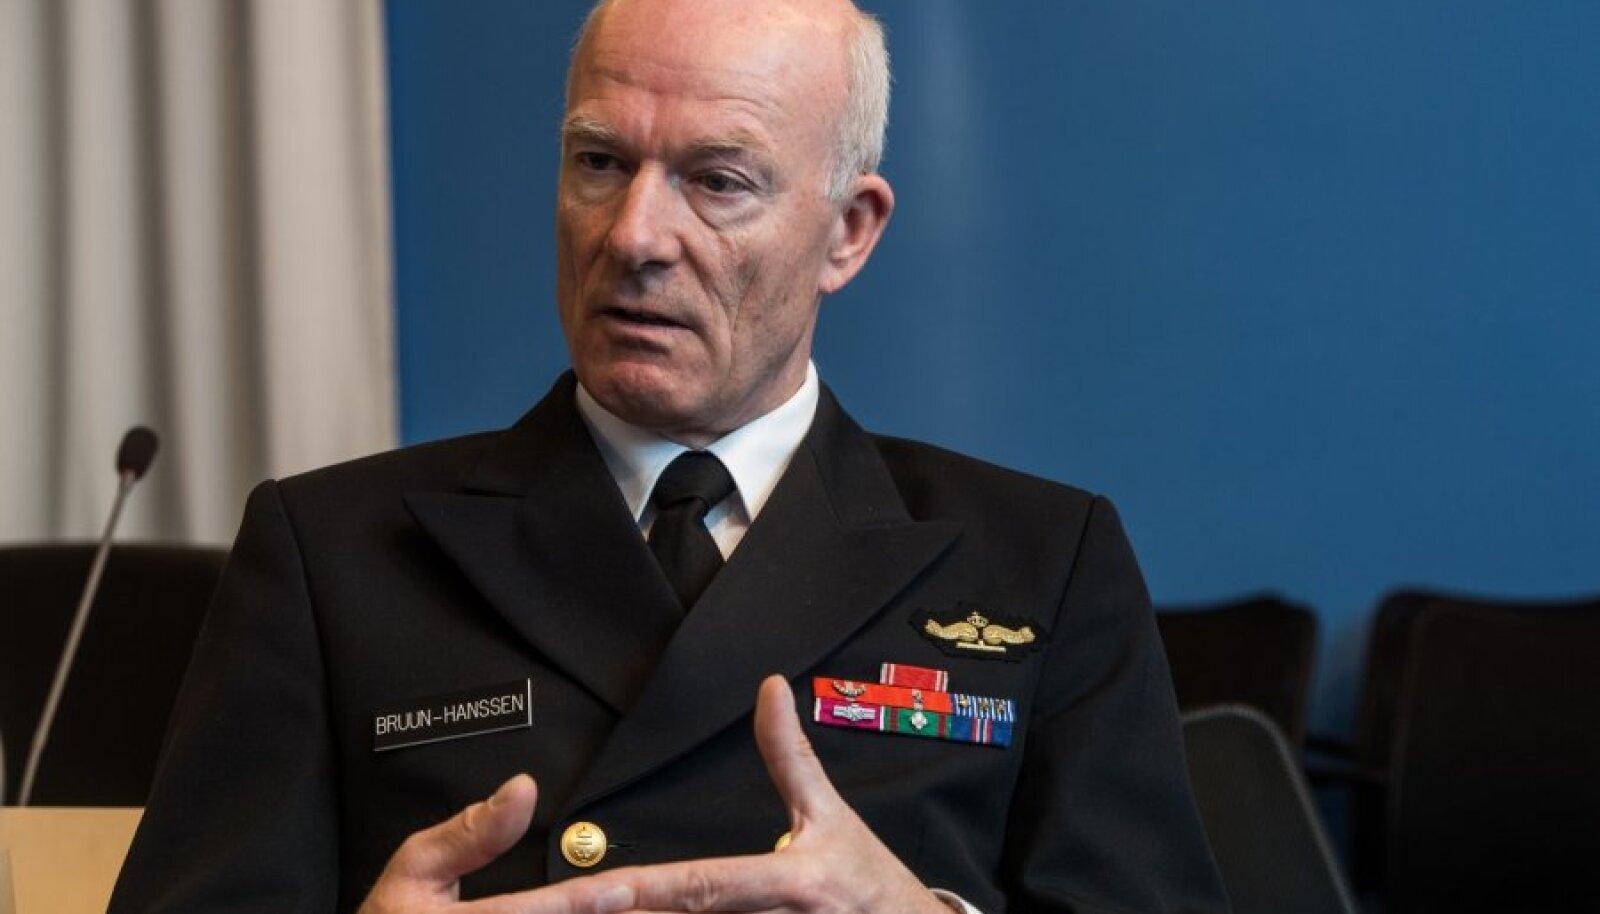 Norra kaitseväe ülem Haakon Bruun-Hanssen